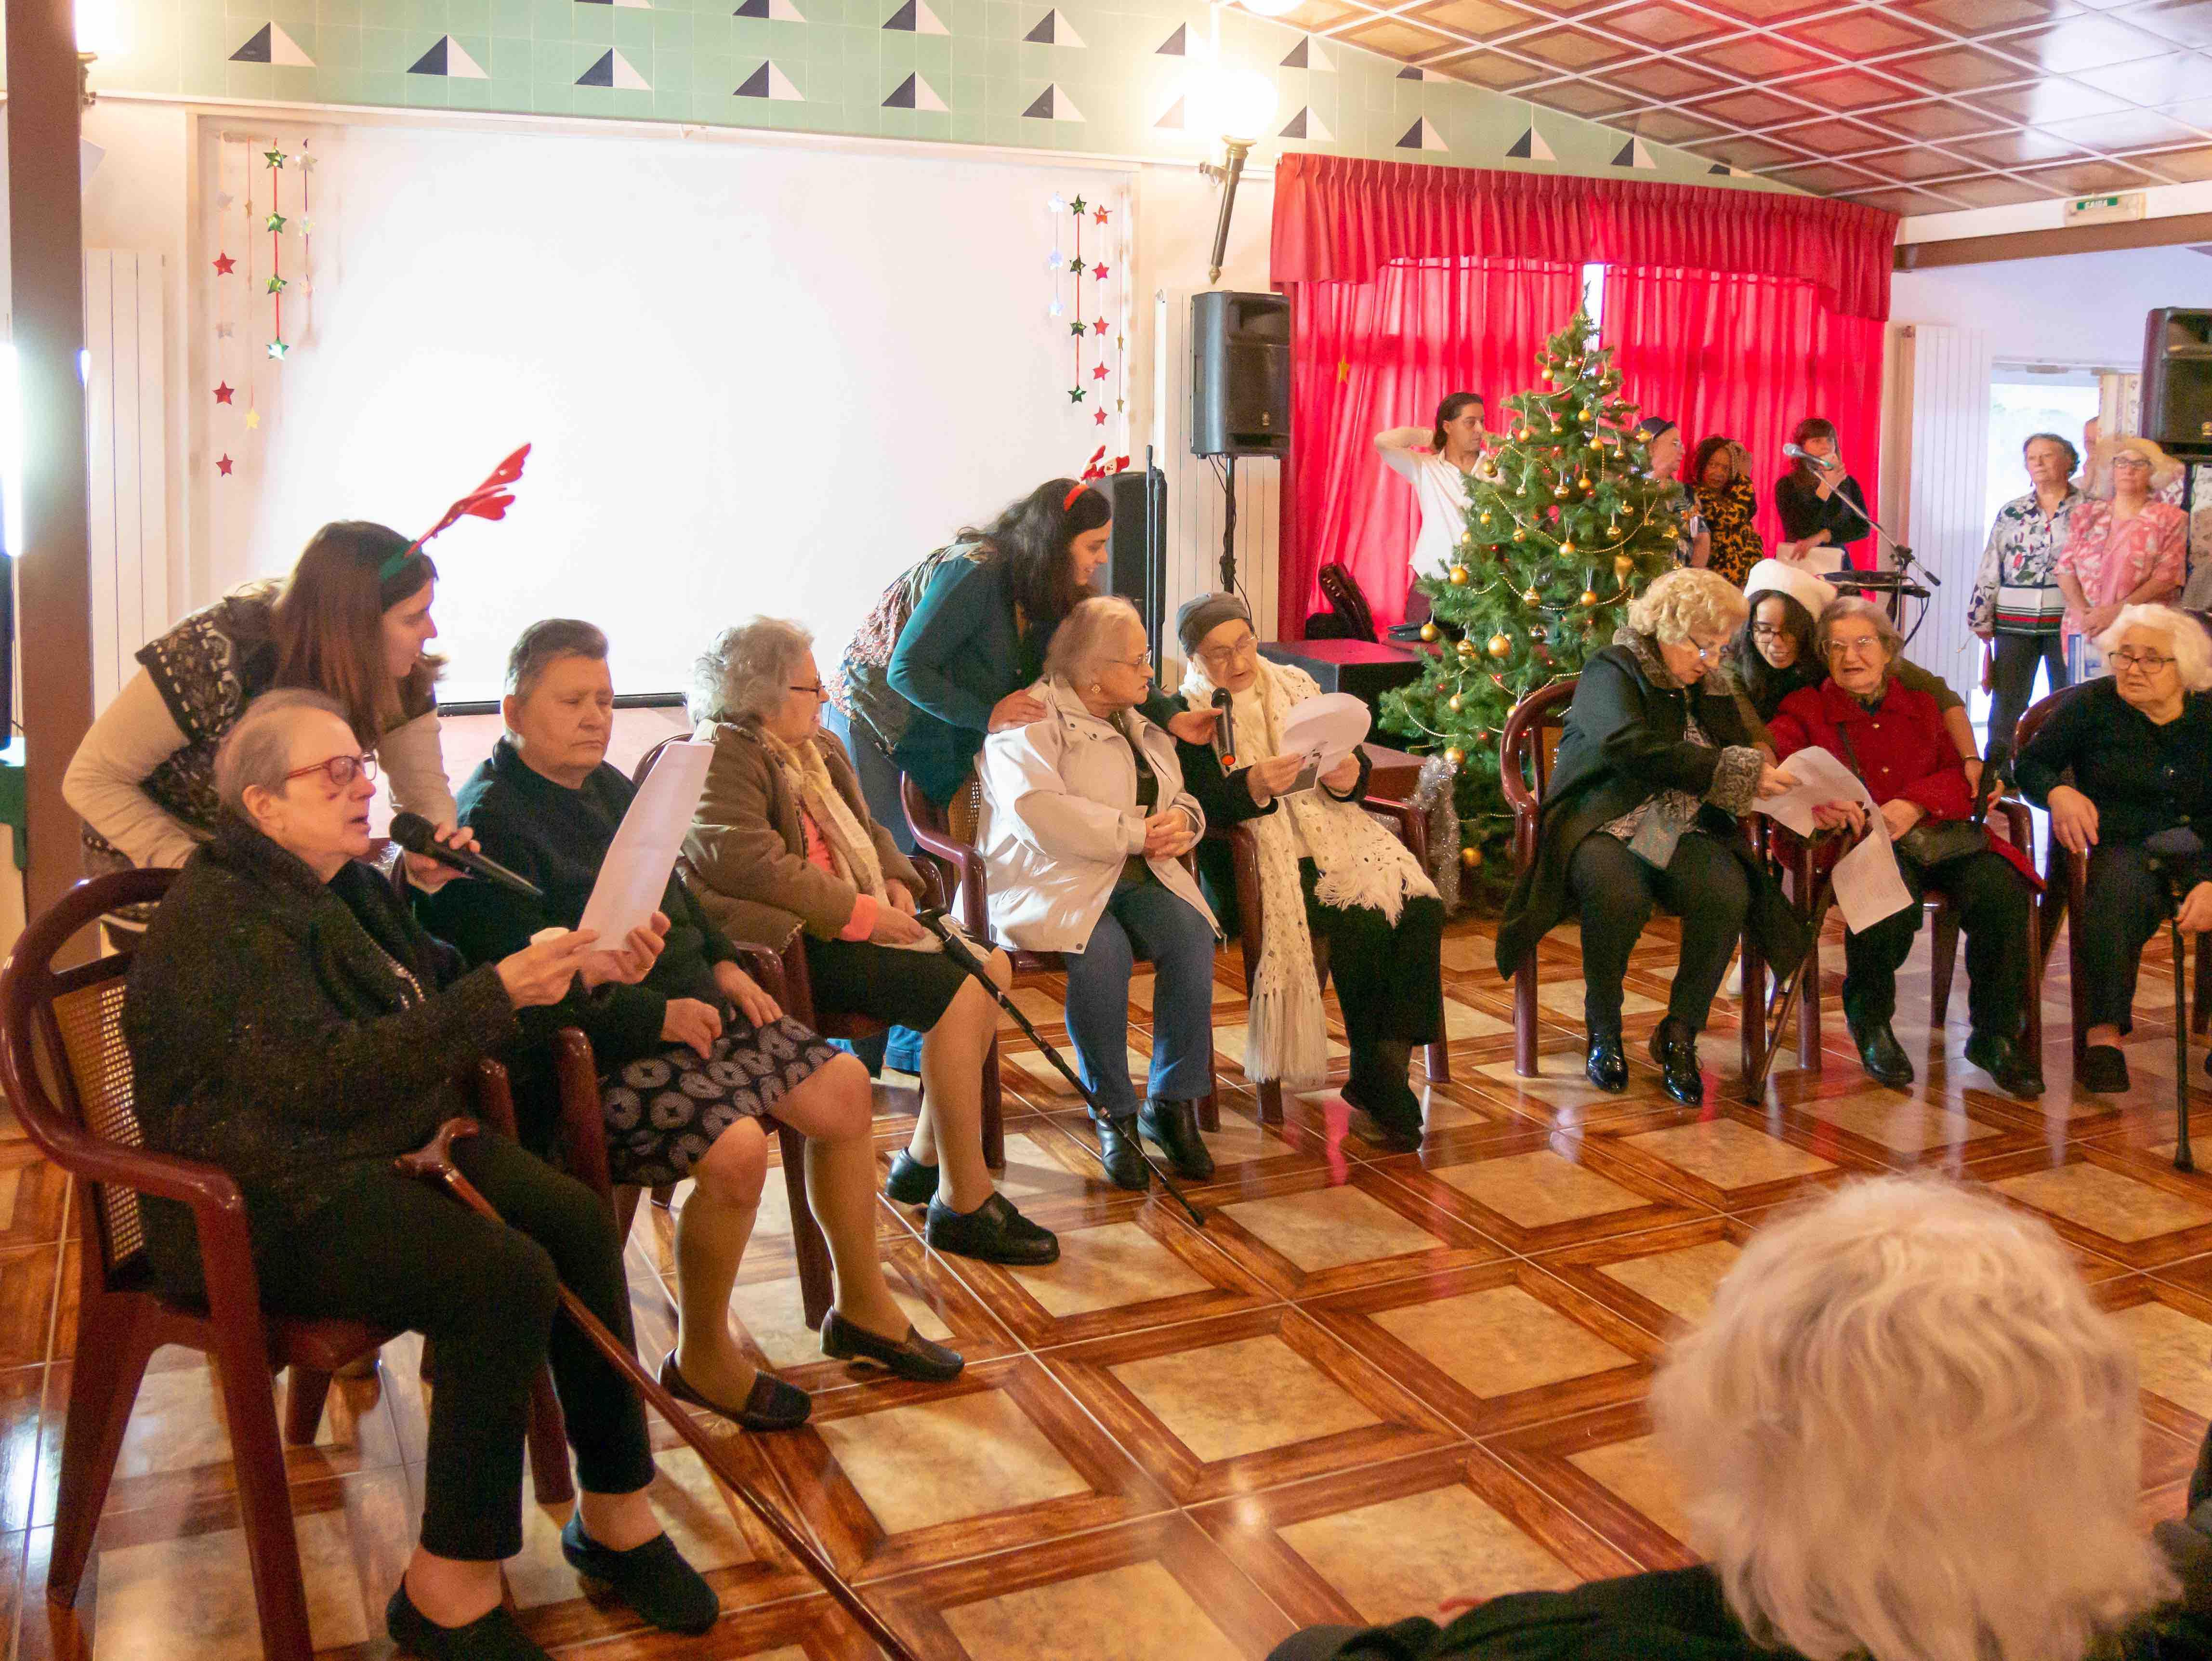 Festa de Natal 2018